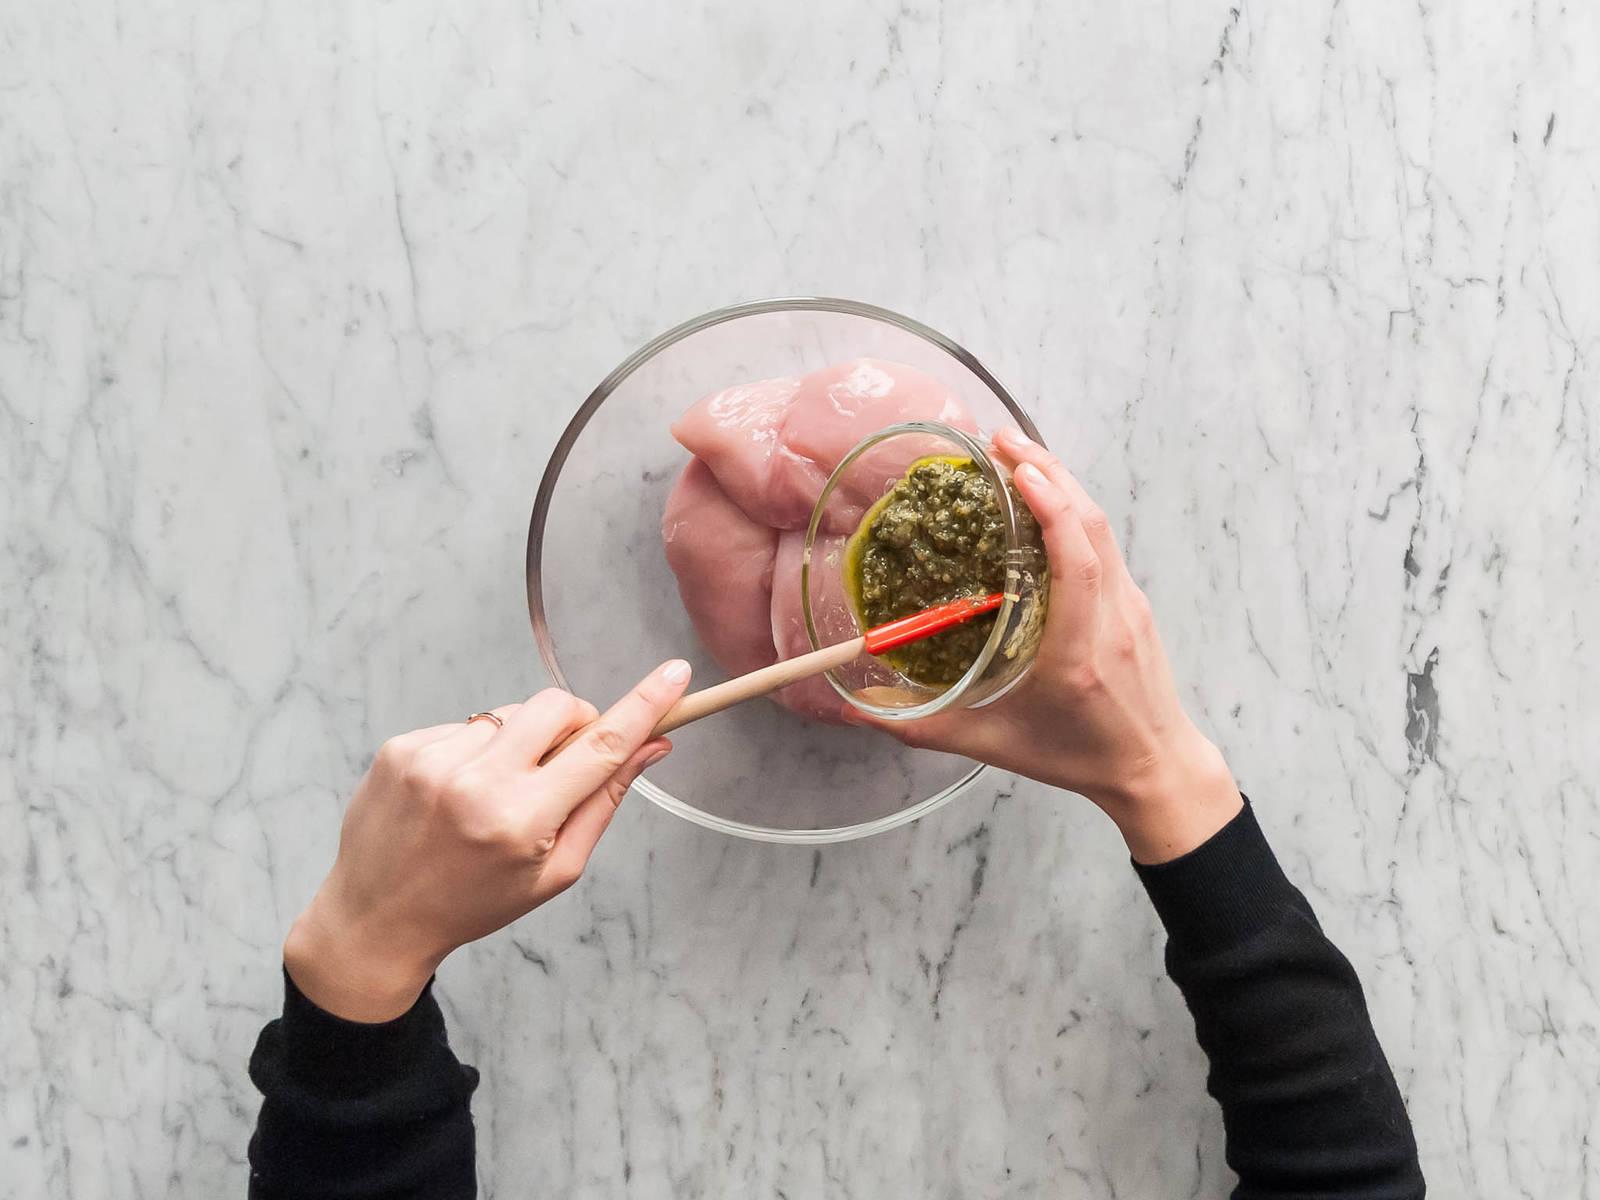 Backofen auf 200°C vorheizen. Tomaten in Scheiben schneiden. Hähnchenbrüste und Pesto in einer mittelgroßen Schüssel vermengen, bis das Fleisch rundherum mit Pesto bedeckt ist.